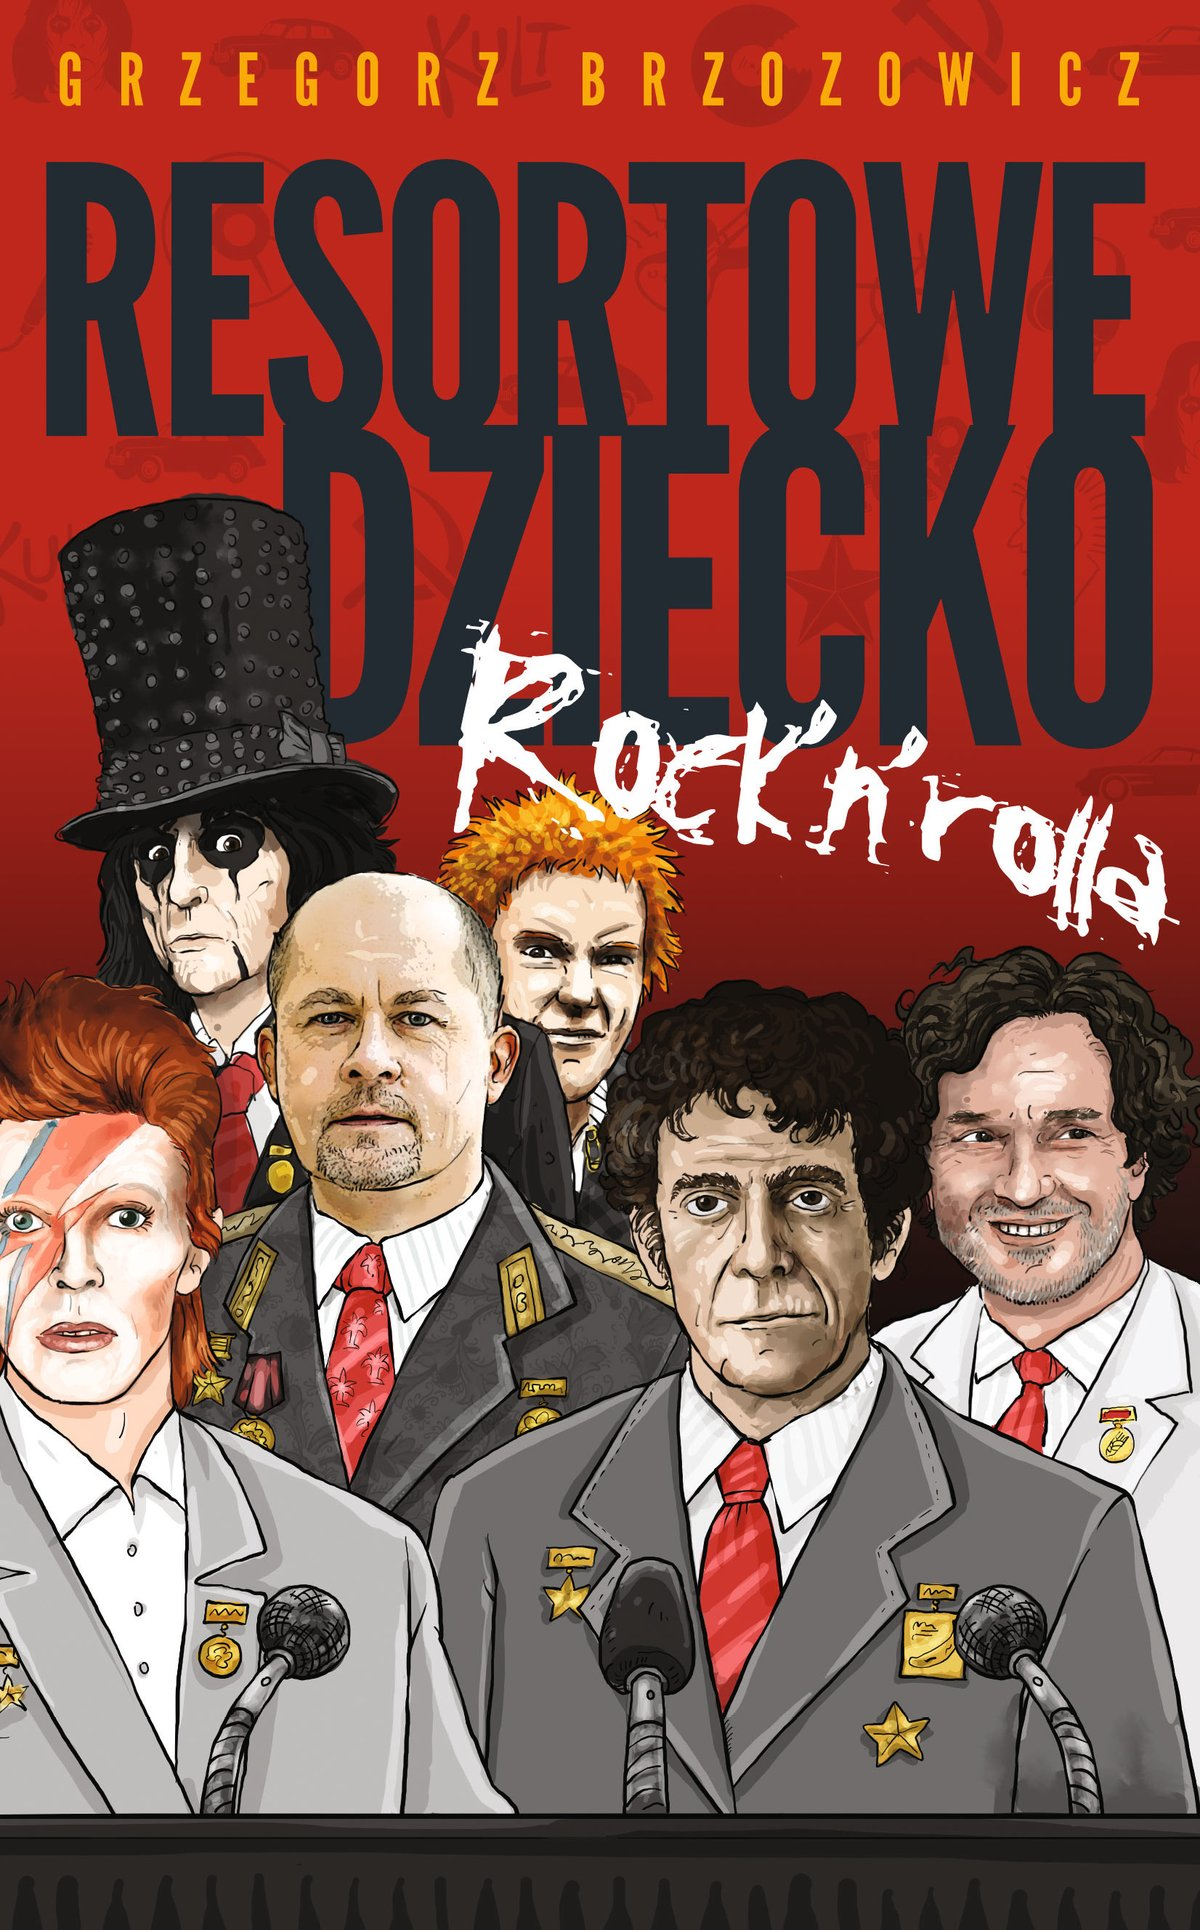 Resortowe dziecko Rock'n'Rolla - Ebook (Książka EPUB) do pobrania w formacie EPUB